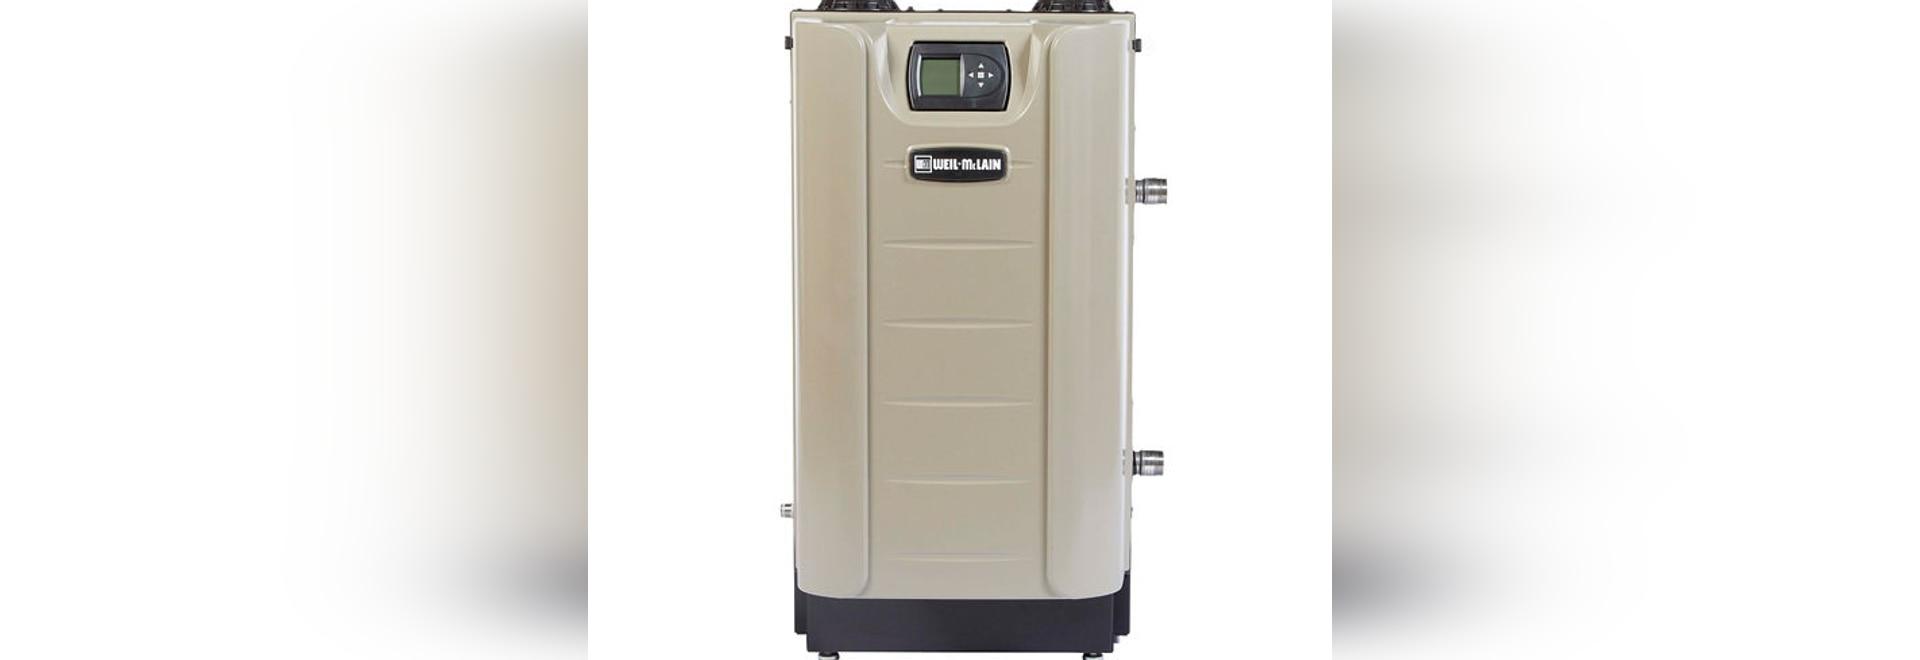 NEW: gas boiler by Weil-McLain - Weil-McLain